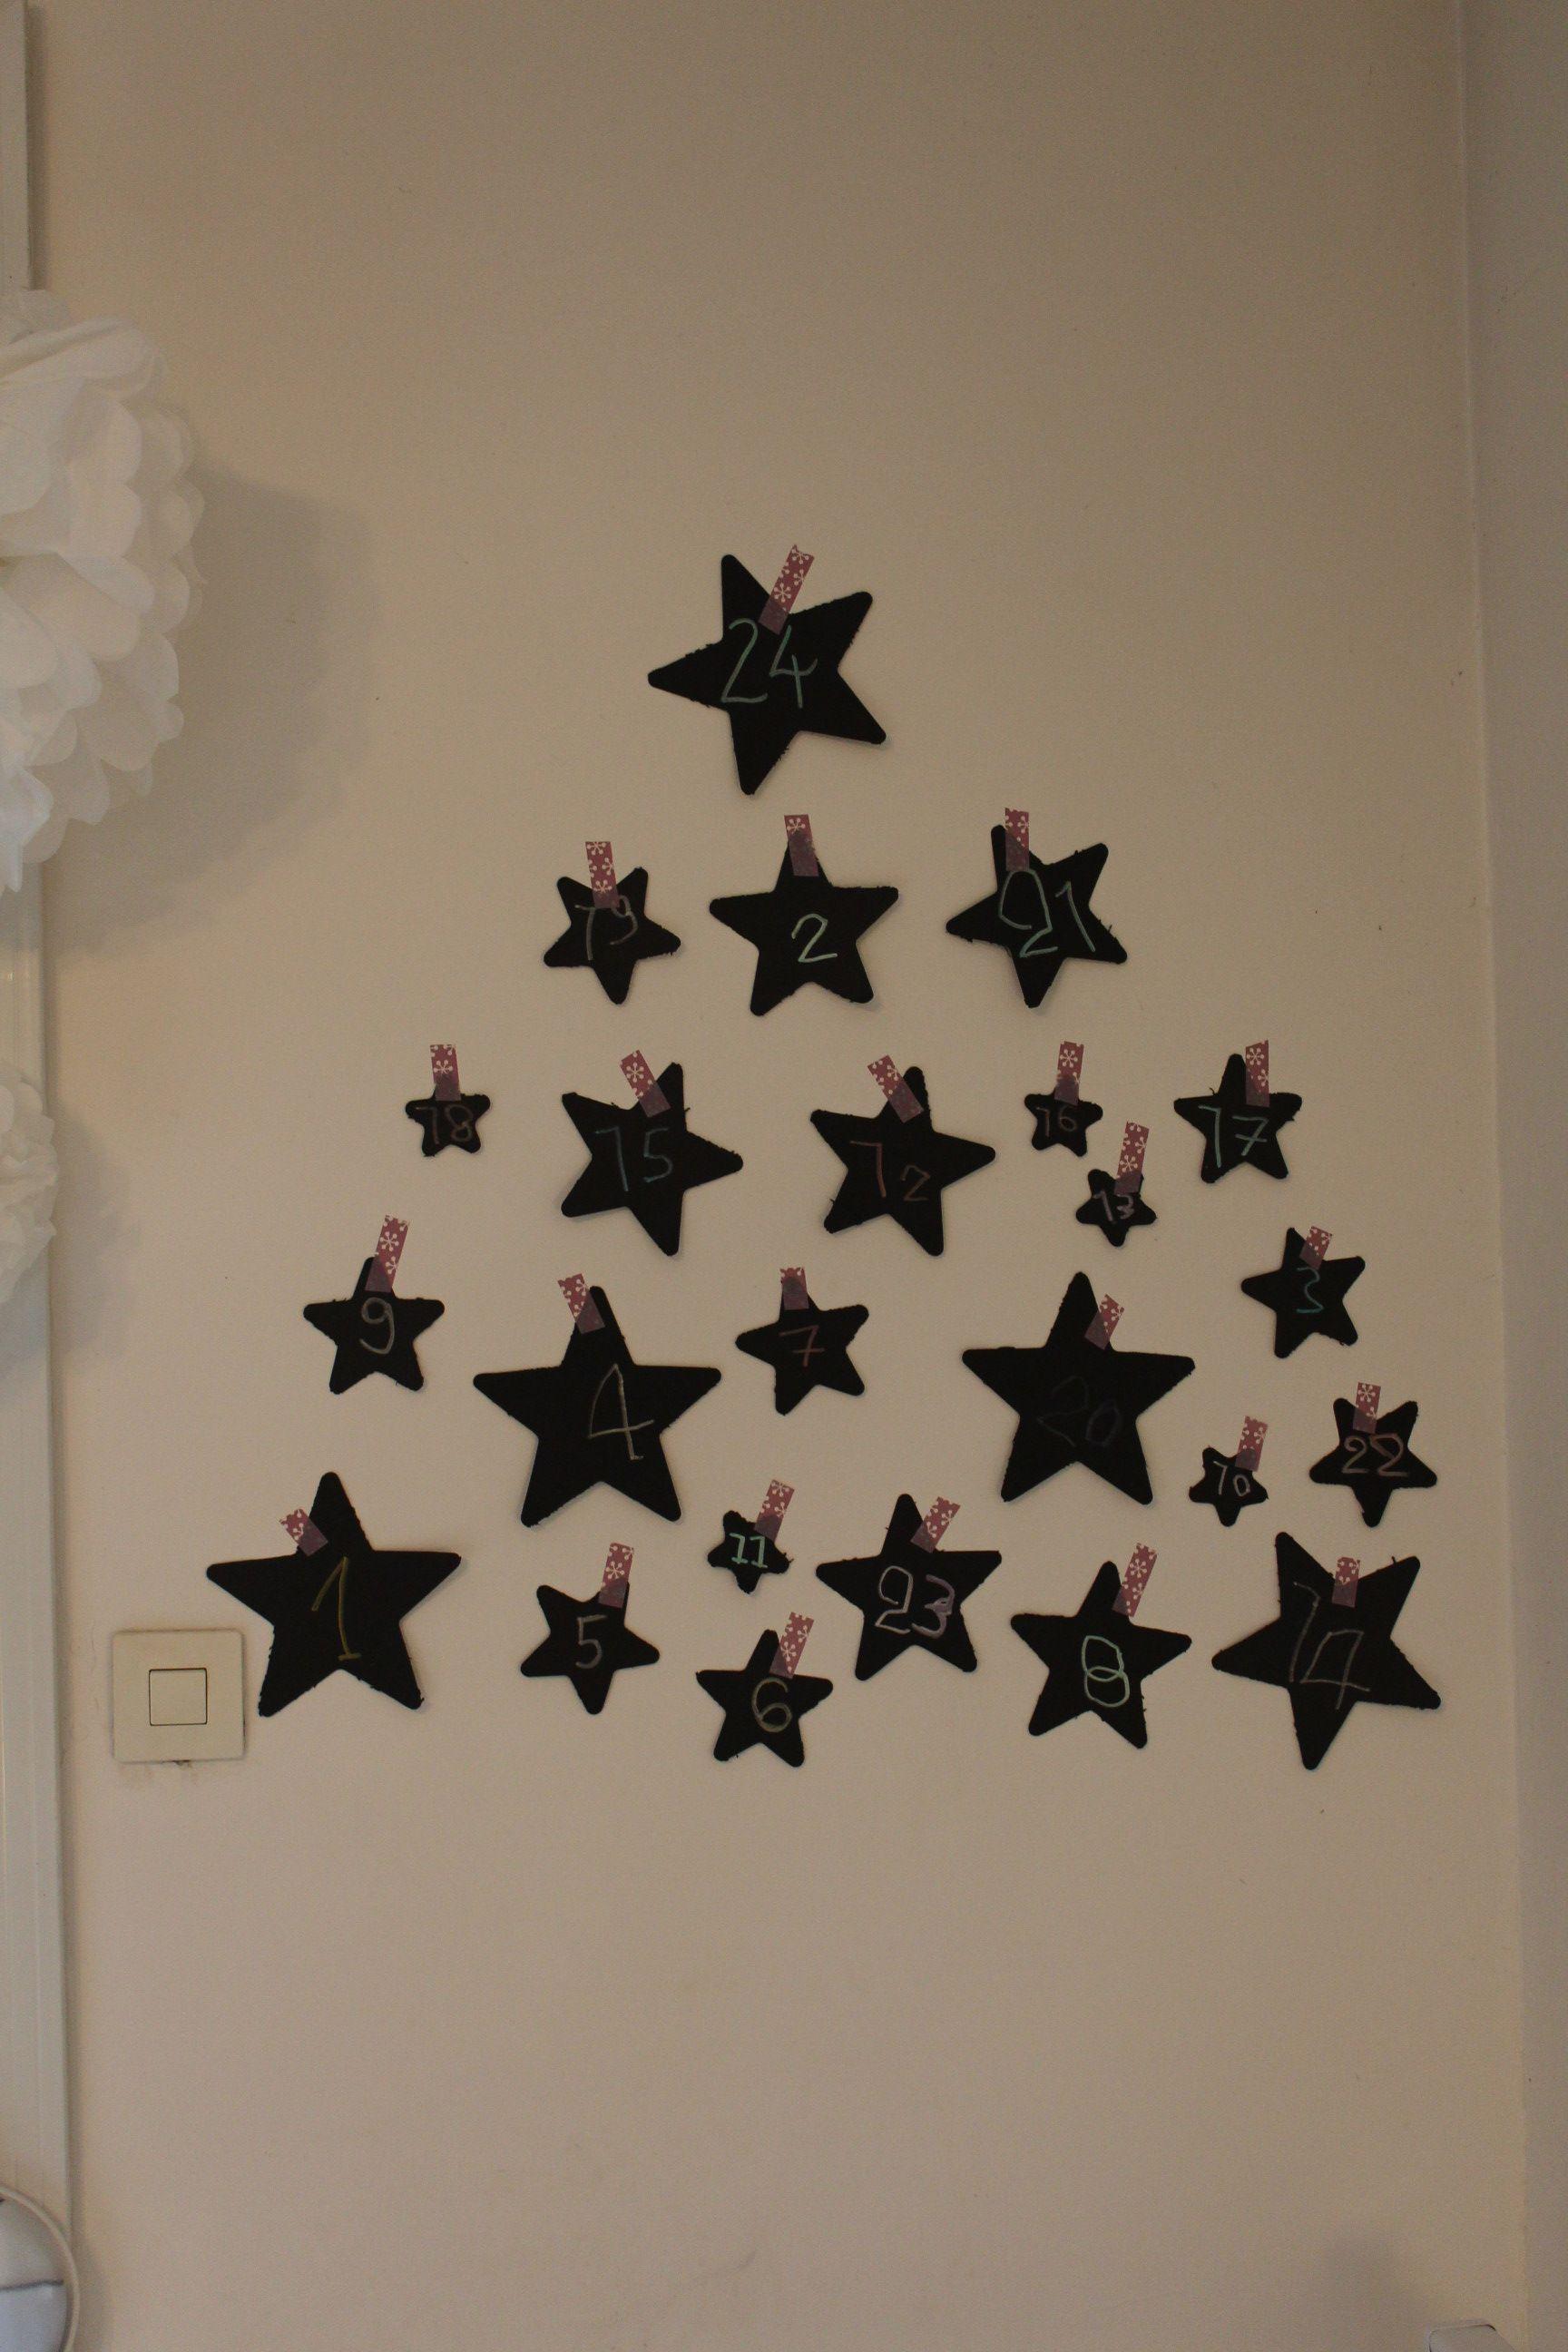 diy faire son calendrier de l avent 24 petites surprises pour les enfants avant no l. Black Bedroom Furniture Sets. Home Design Ideas